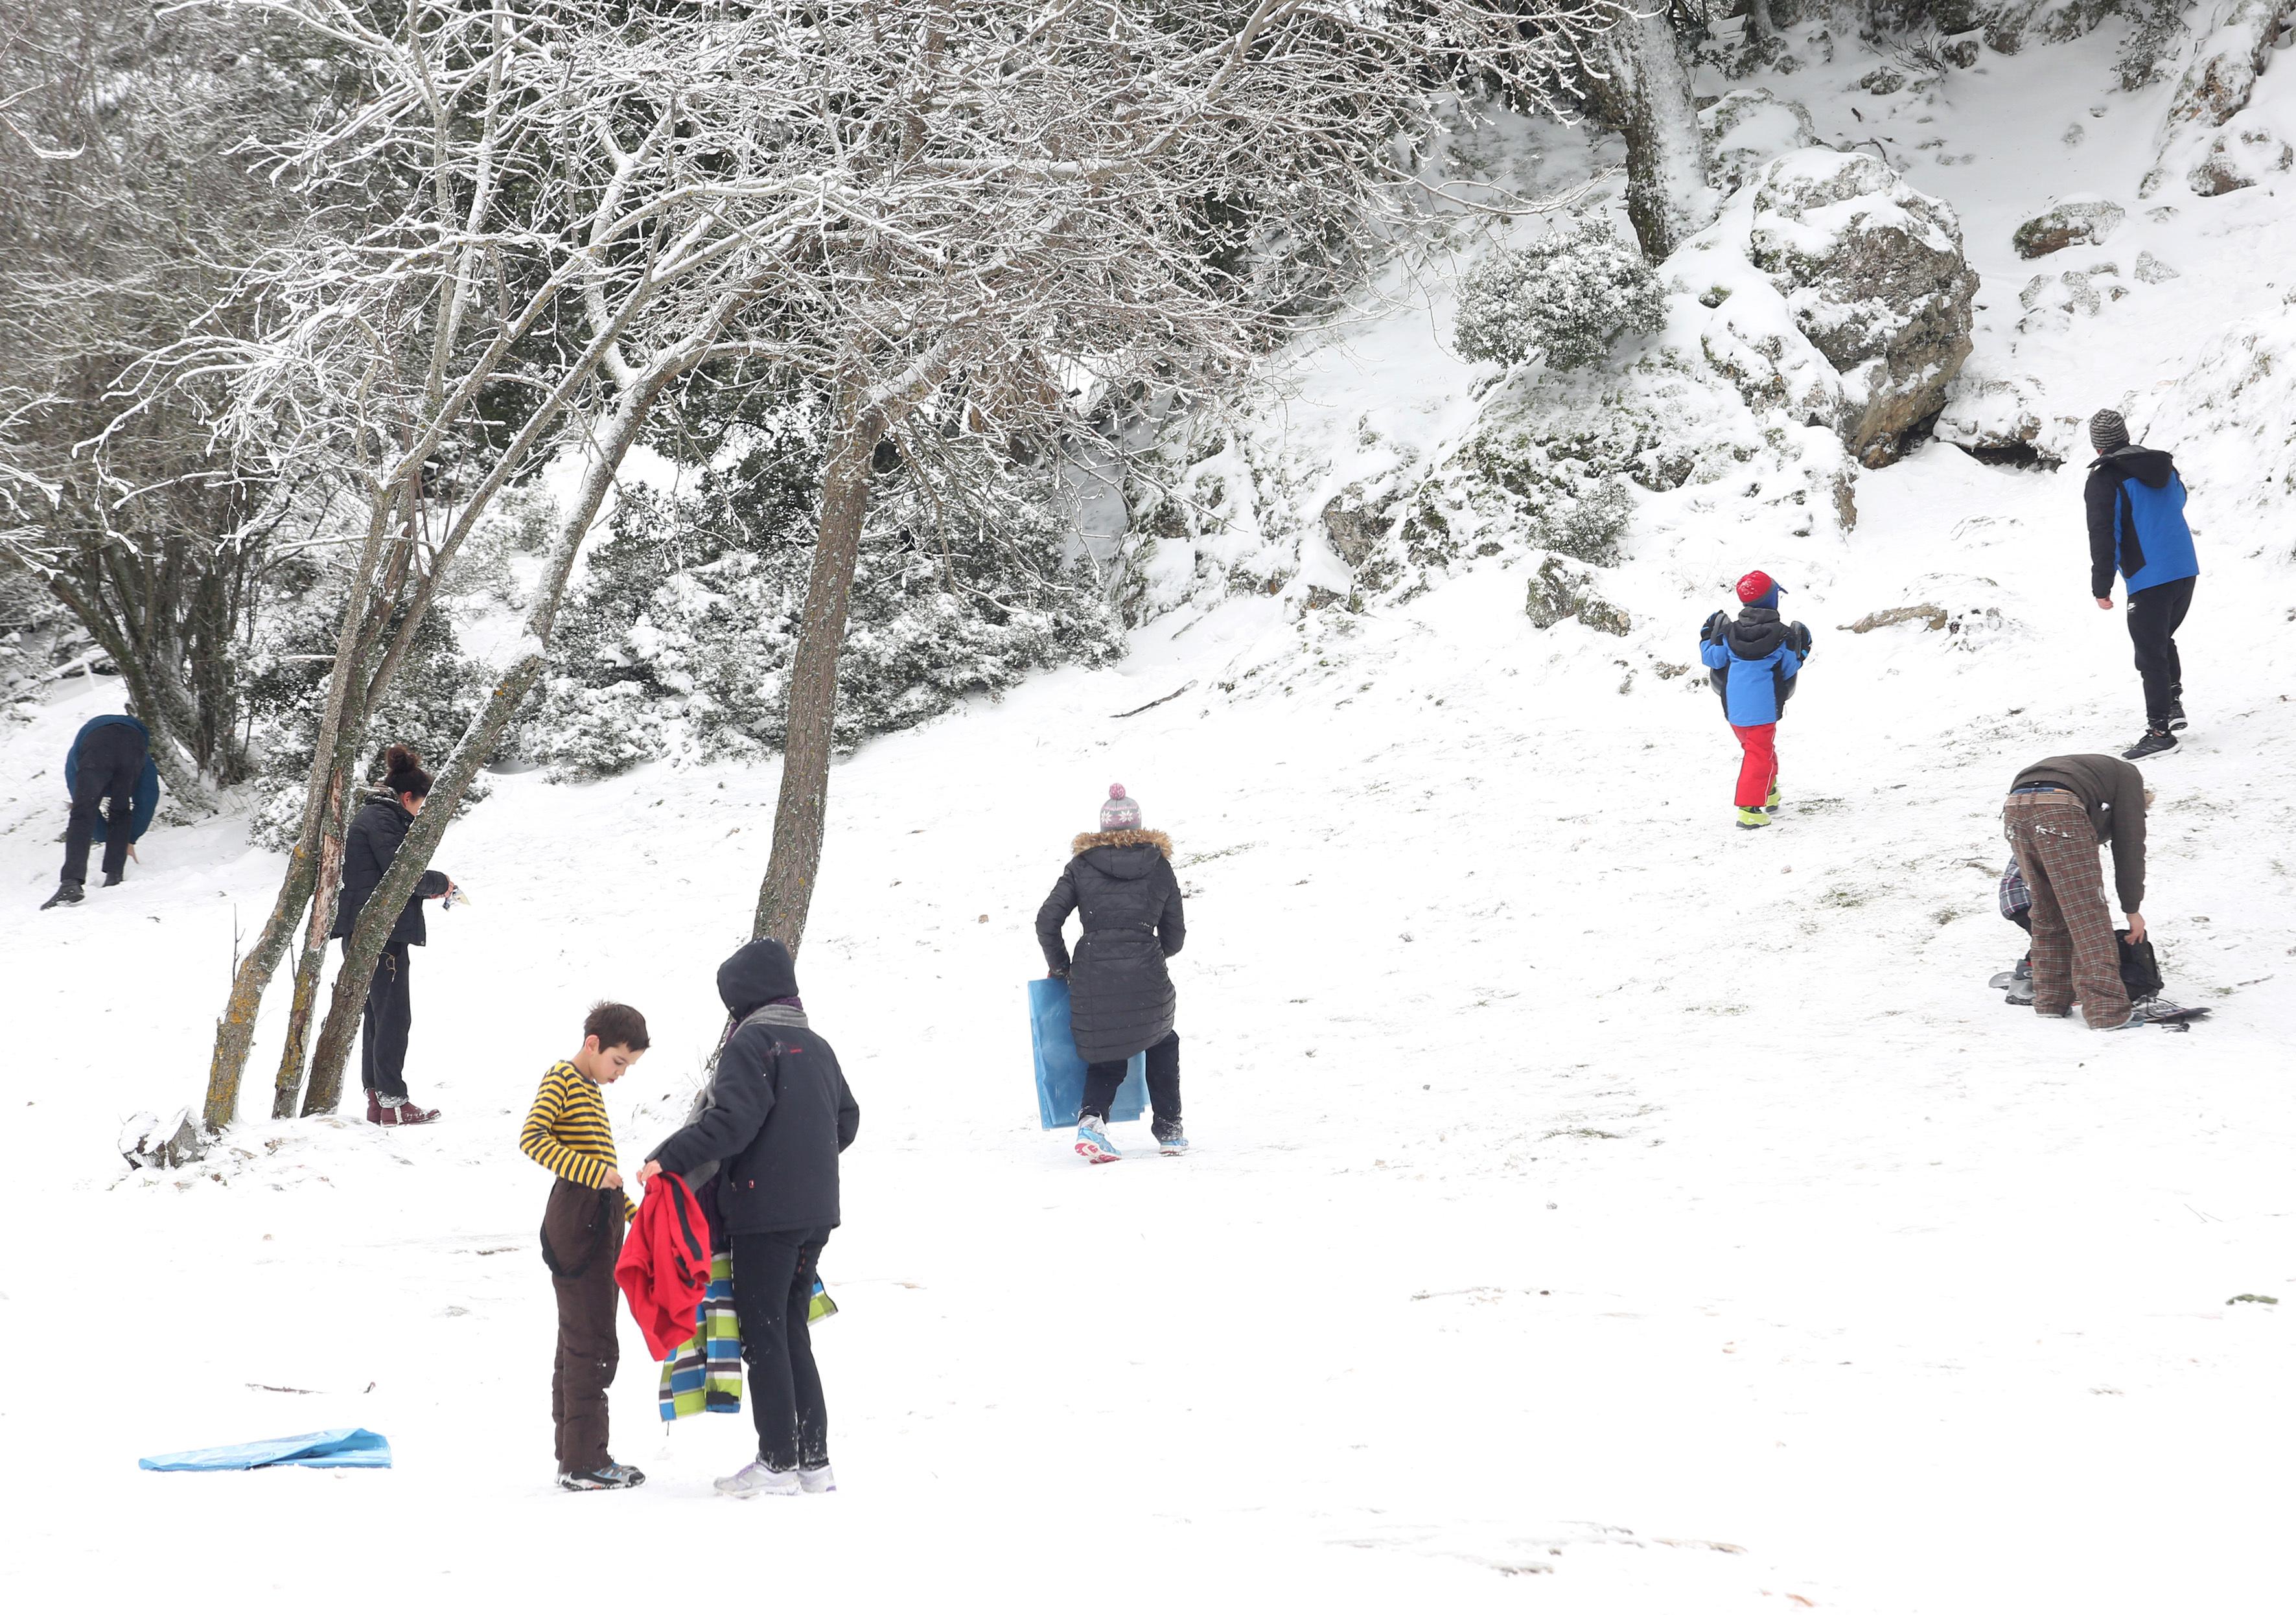 Φωτογραφίες από τη χιονισμένη Πάρνηθα